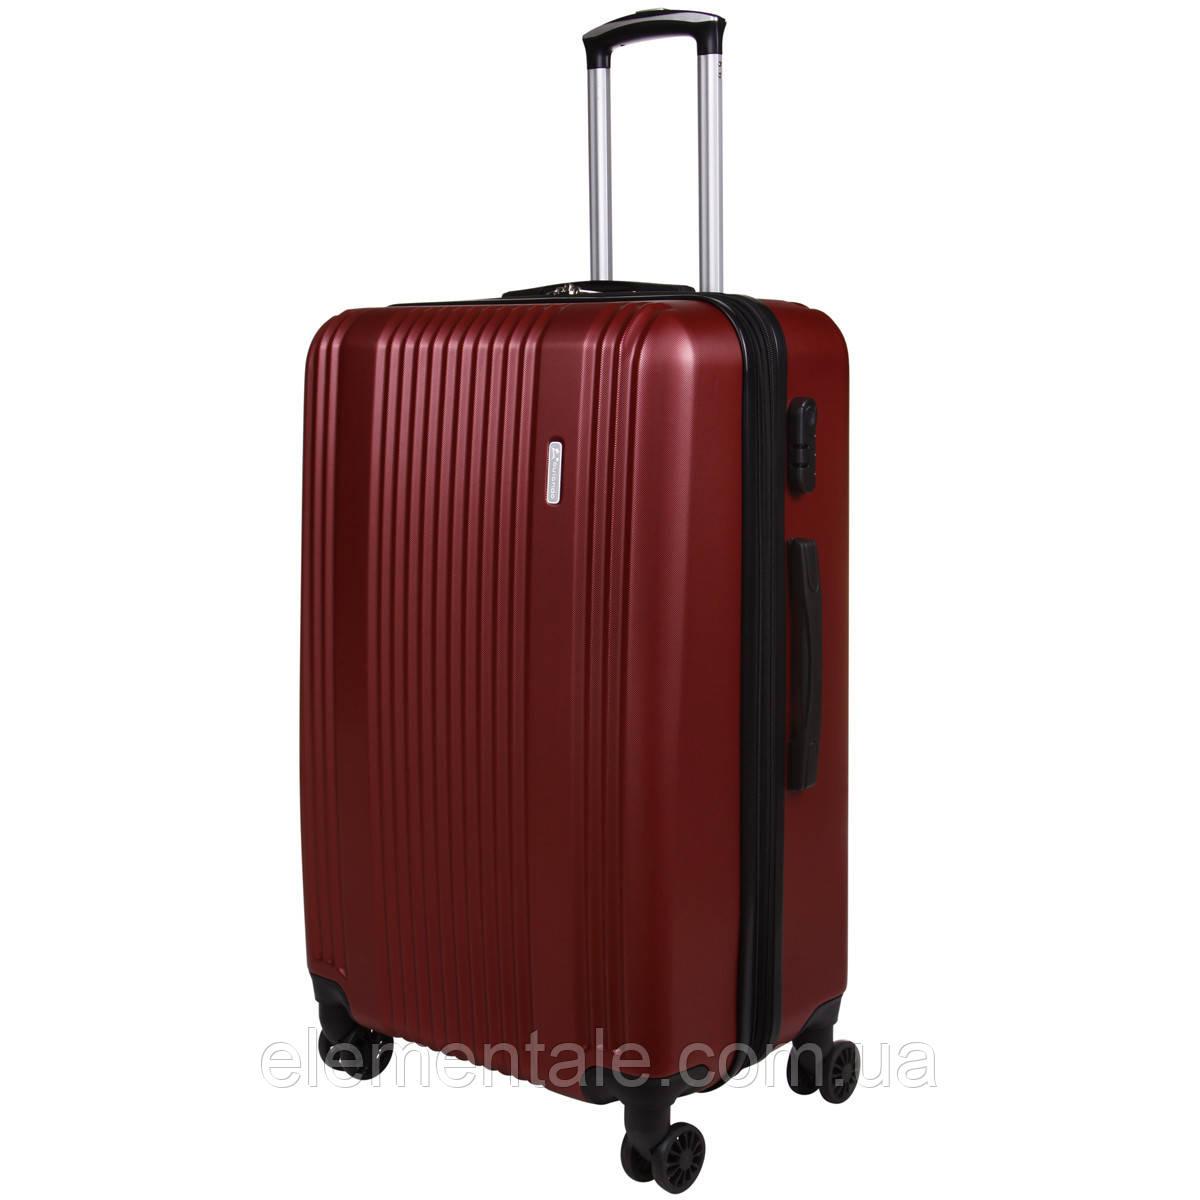 Пластиковый Чемодан на колесах большой дорожный для путешествий LYS ACCESORIOS OULANDO 47х70х30 см. Бордовый